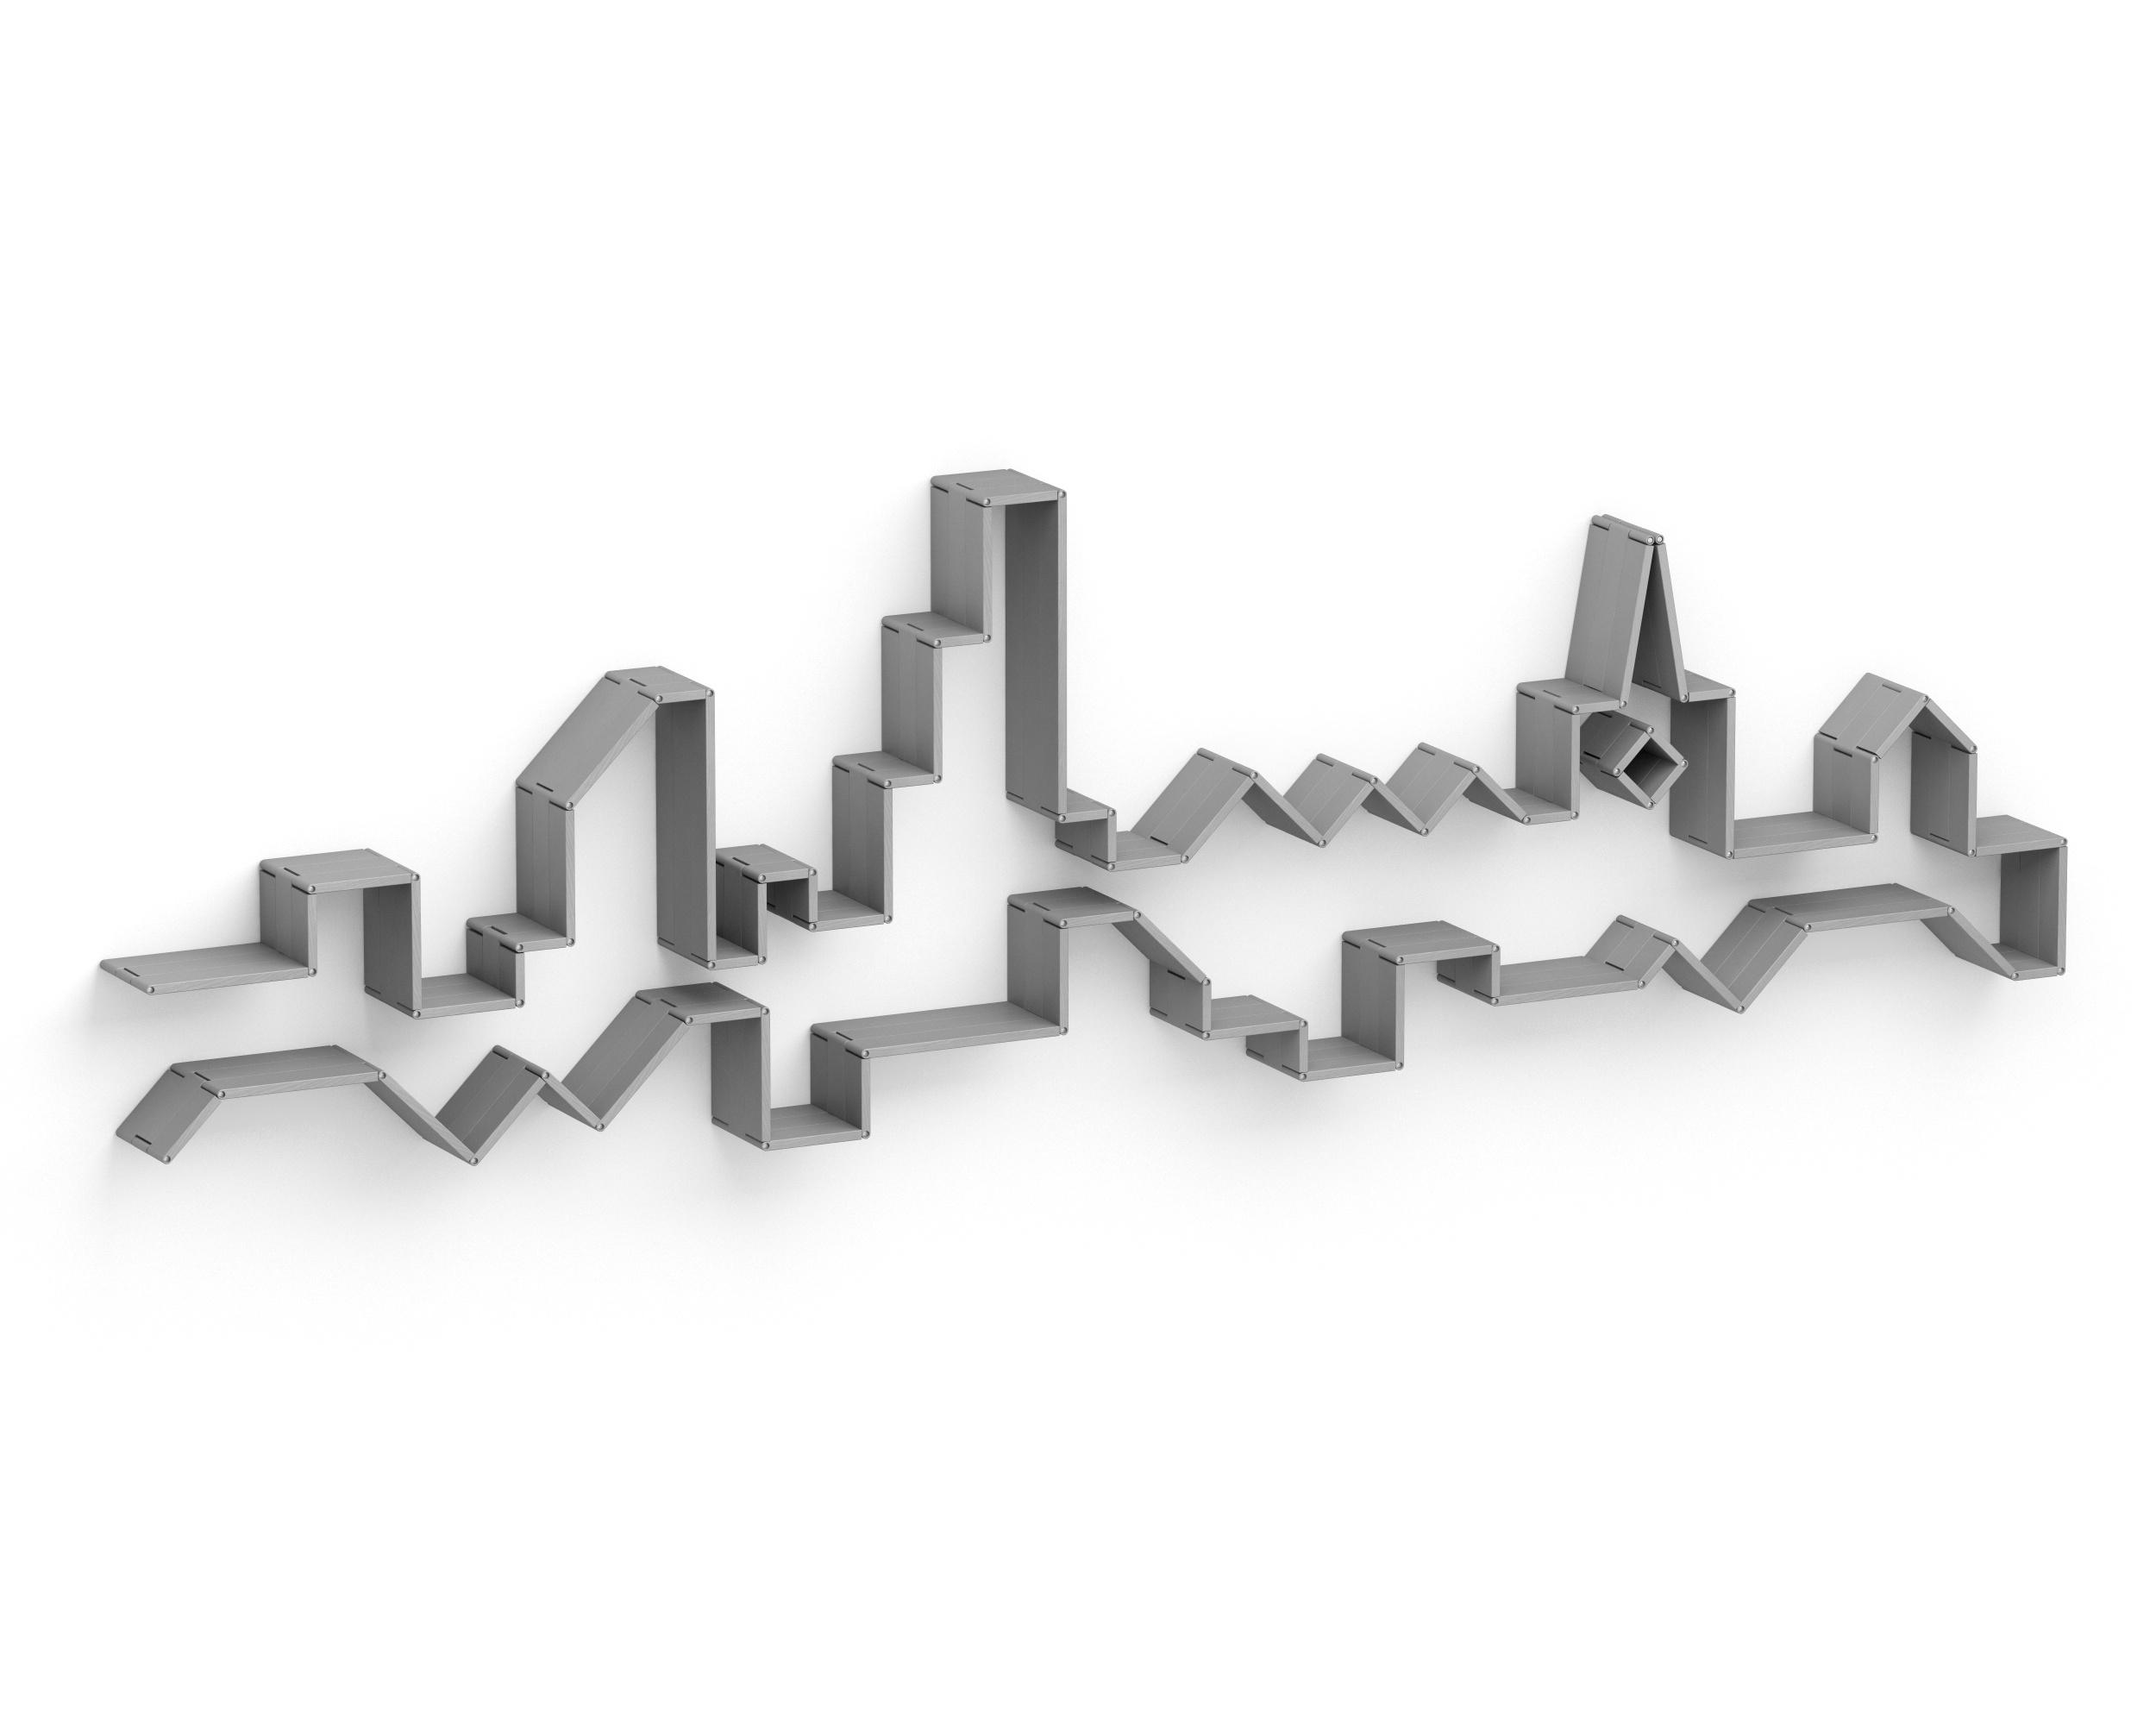 Полка-конструктор LATITUDE Flex Shelf set 181Полки<br>Мегаполис ? это особая красота, которая очаровывает не хуже природной. &amp;quot;Latitude Flex Shelf Set 101&amp;quot; является лучшим тому доказательством. В оригинальных пропорциях полки угадываются очертания городского горизонта, составленного множеством небоскребов. Пусть детали и окрашены в серый цвет, они не привносят в оформление скуку и холодность. Напротив, оригинальный дизайн одаривает пространство теплом... Не приветливостью домашнего уюта, а эклектичным теплом, идеальным для современных интерьеров.1 неделя<br><br>Material: Ясень<br>Ширина см: 400<br>Высота см: 116<br>Глубина см: 22